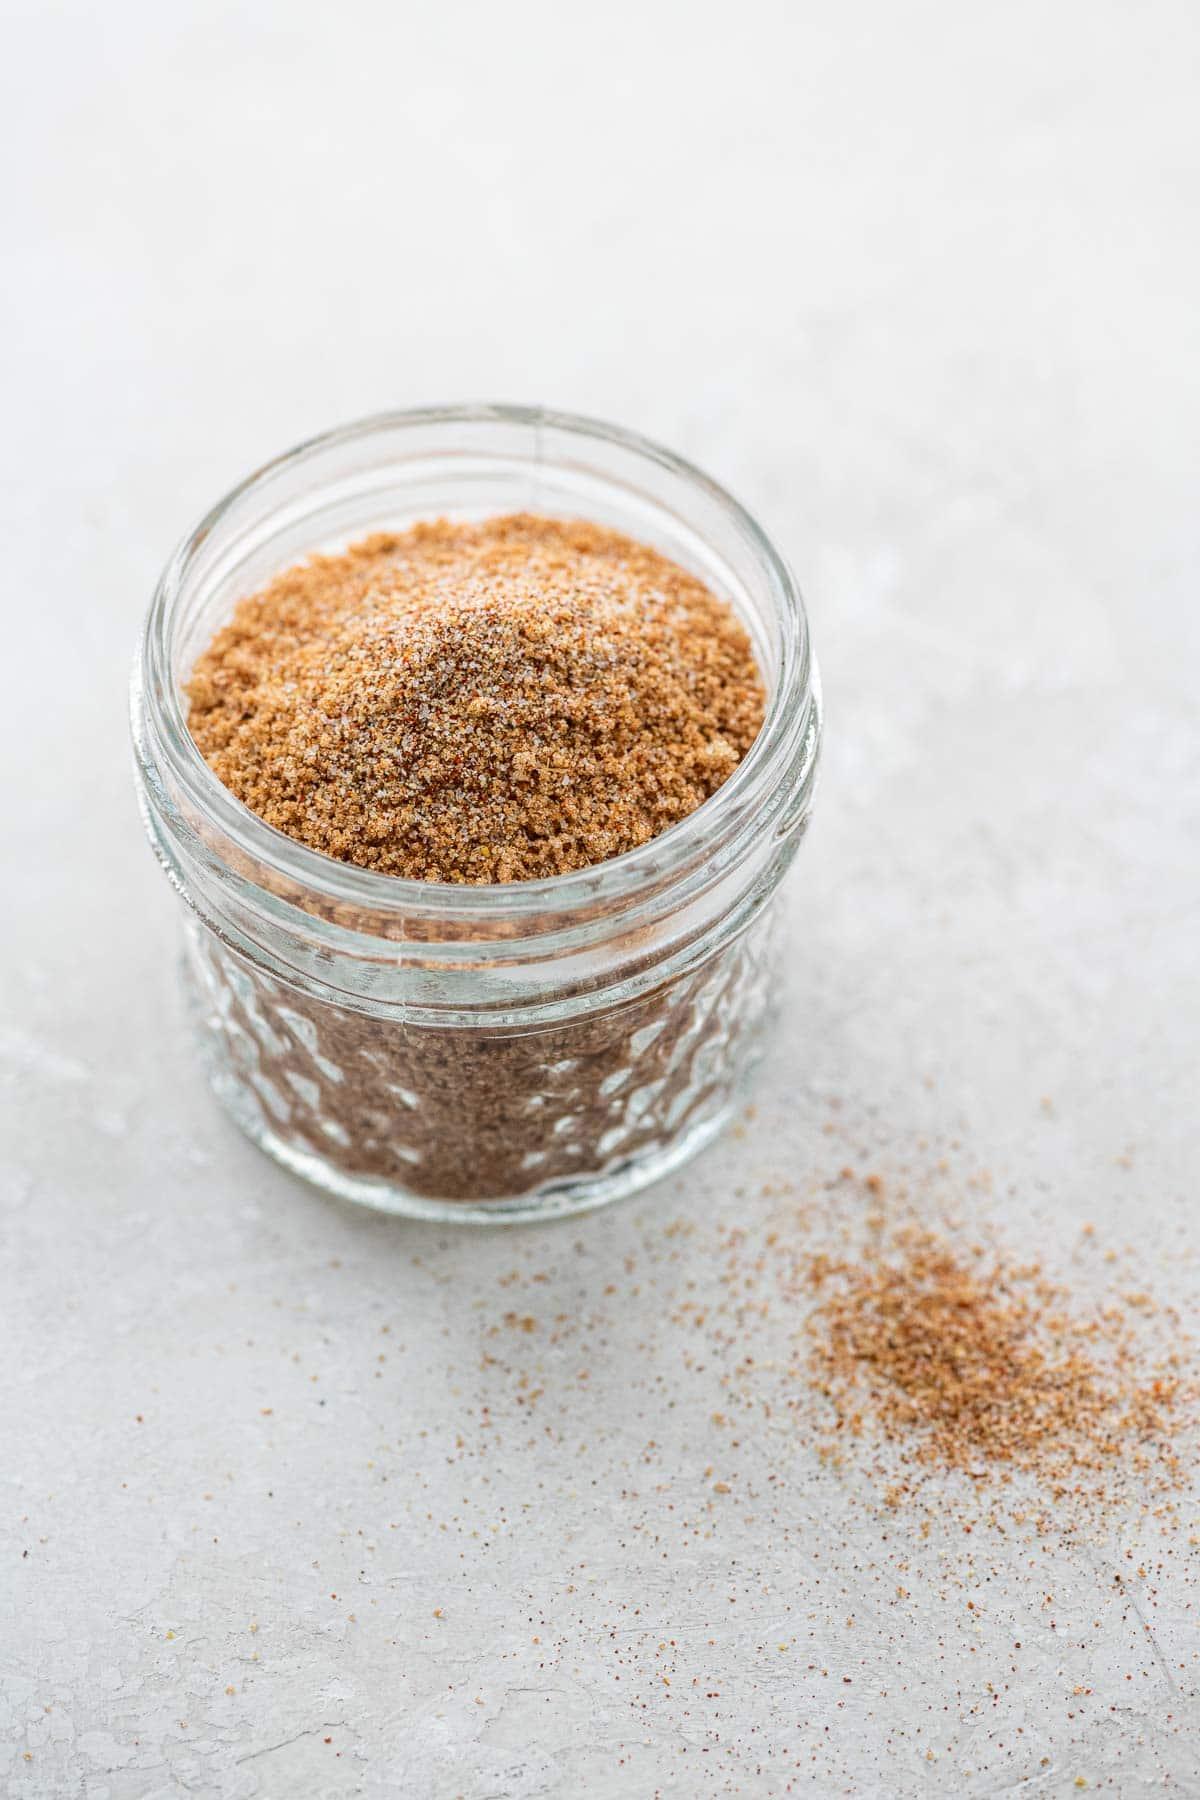 bbq rib rub in a small jar